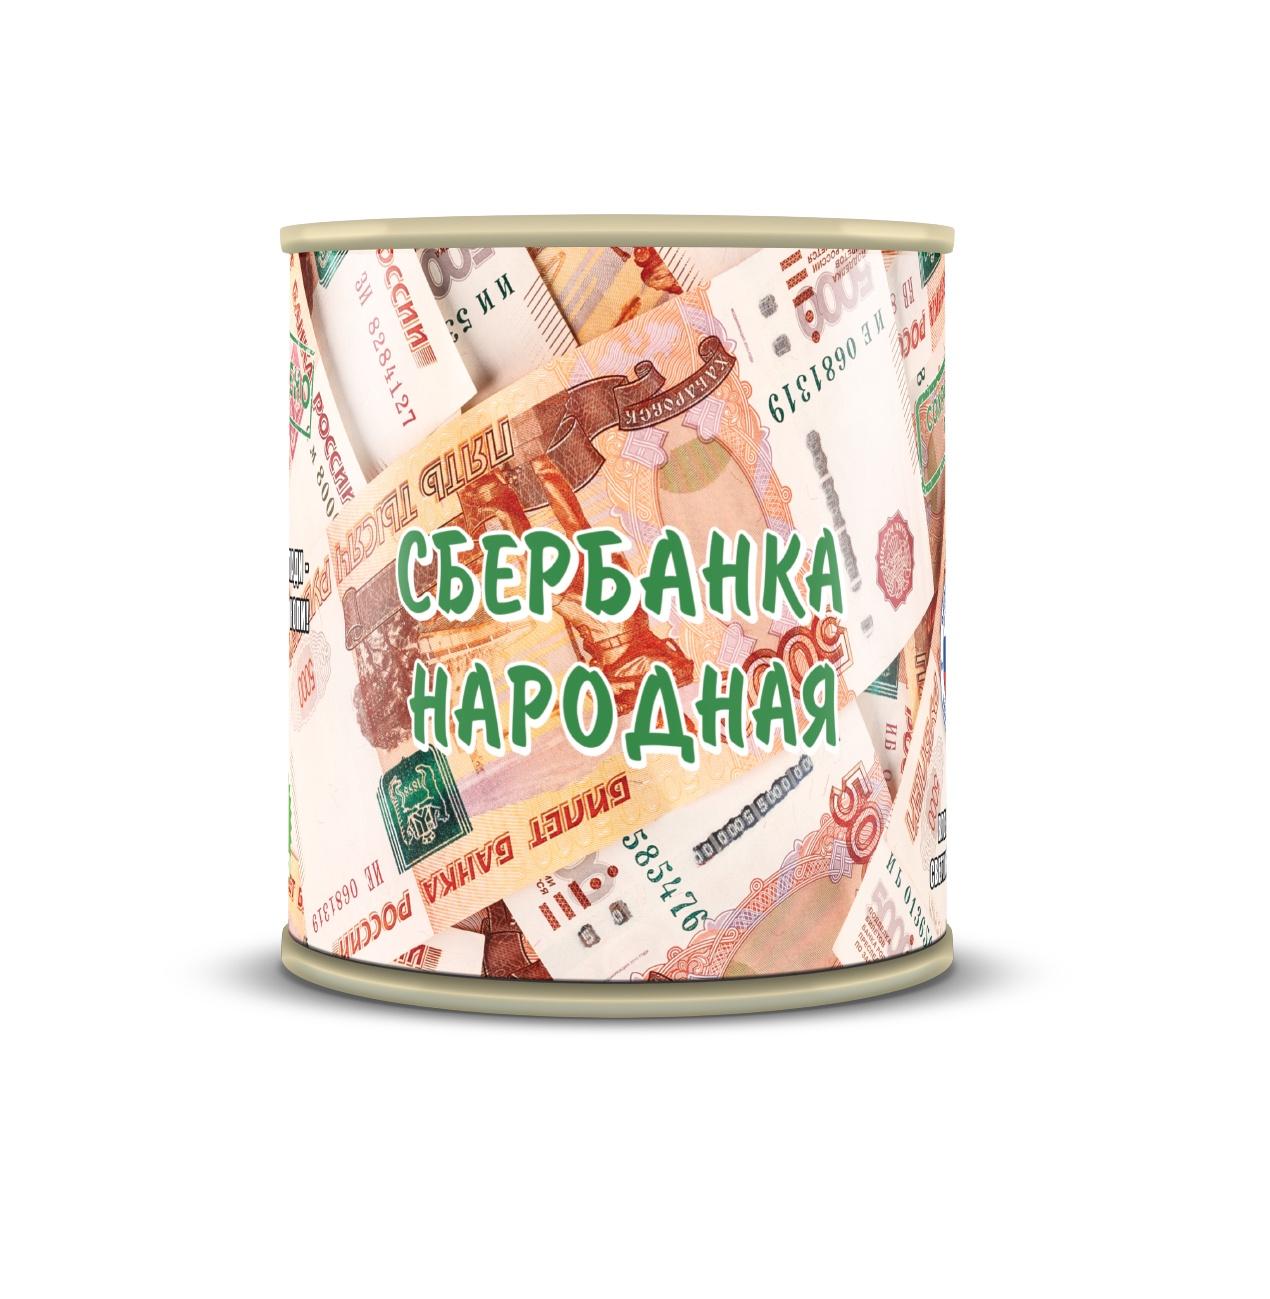 Копилка Сбербанка народная телефон горячей линии сбербанка